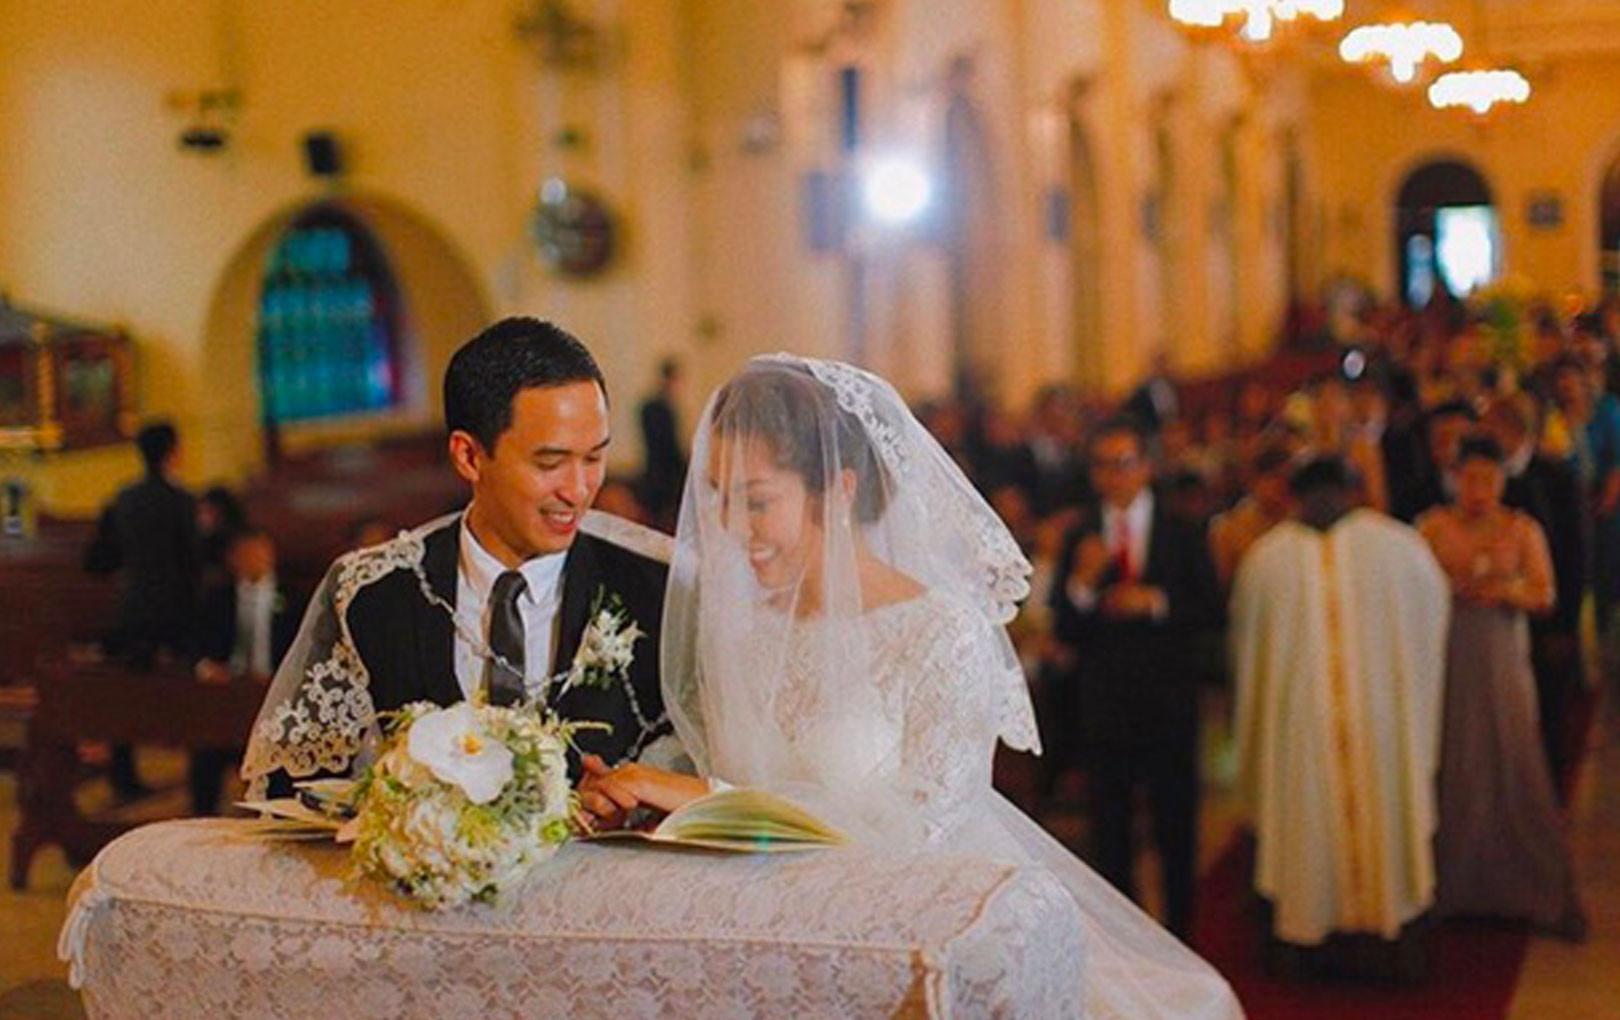 Khoảnh khắc vợ chồng Hà Tăng ôm lấy nhau cực ngọt ngào trong hôn lễ 7 năm trước